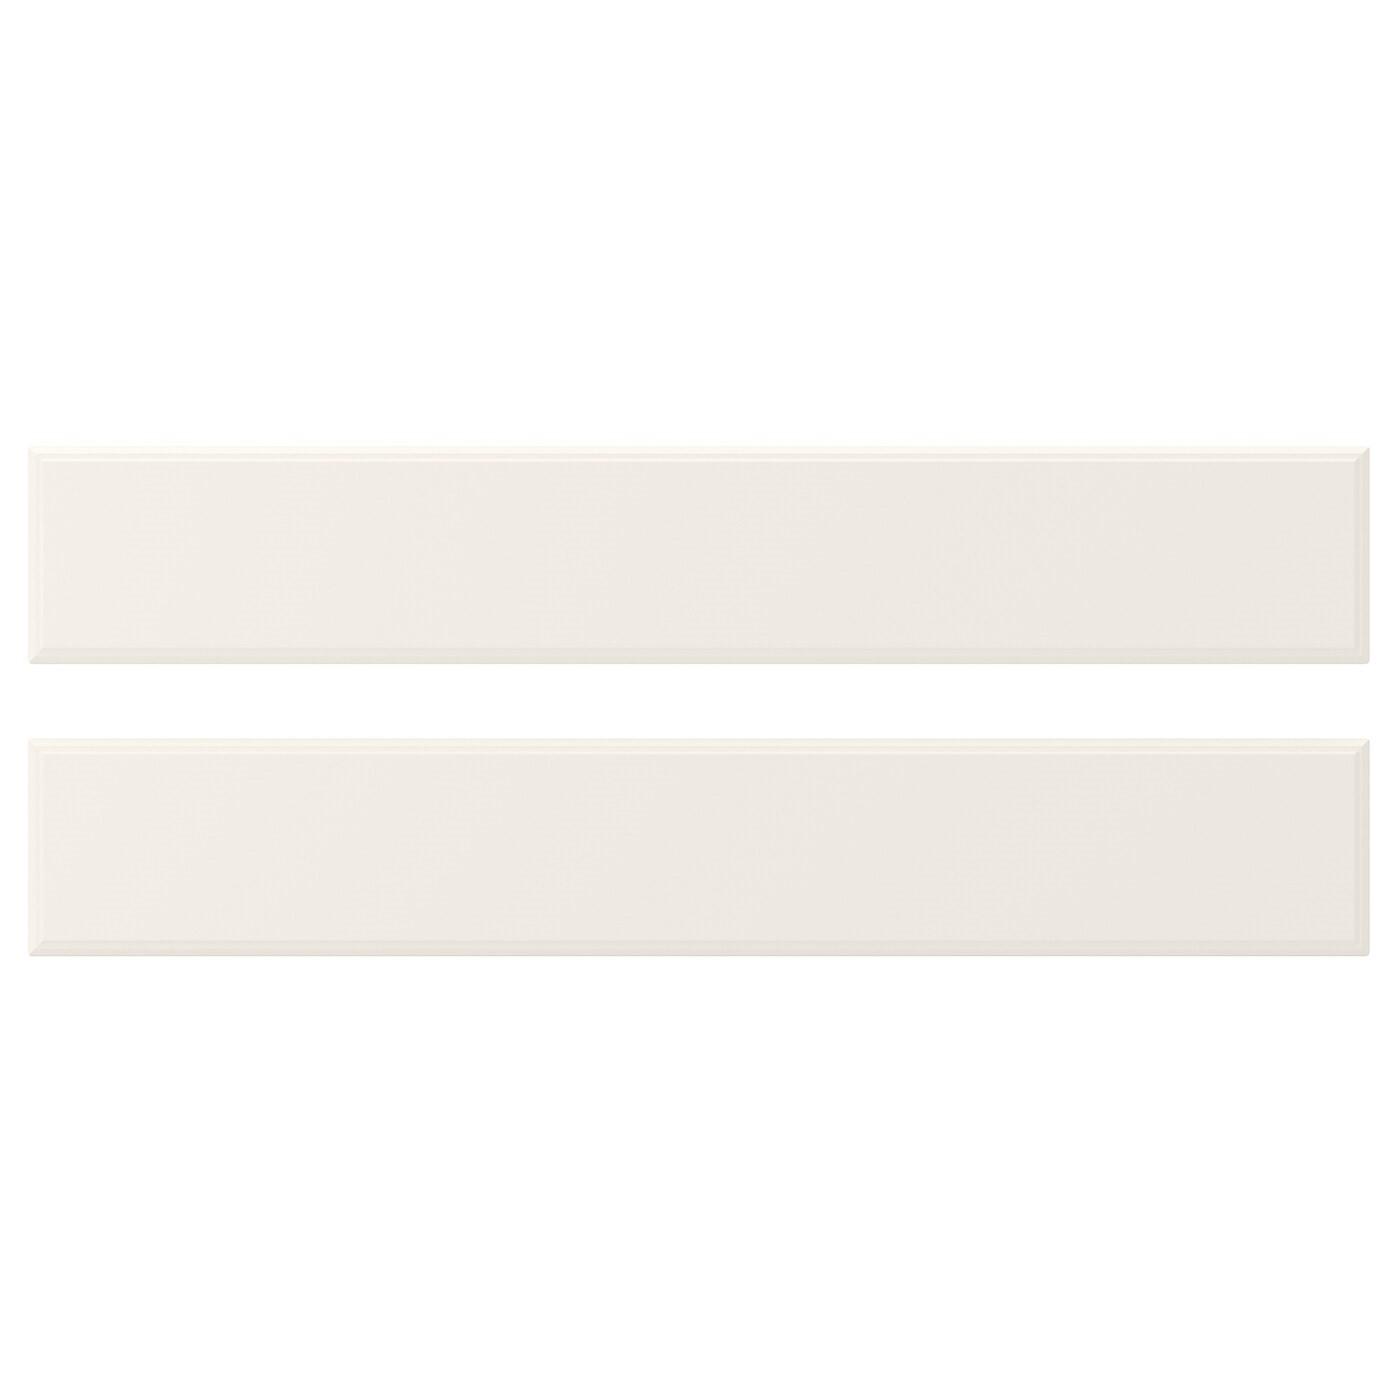 IKEA BODBYN фронтальная панель ящика белый с оттенком 59.7x9.7 см 50205495